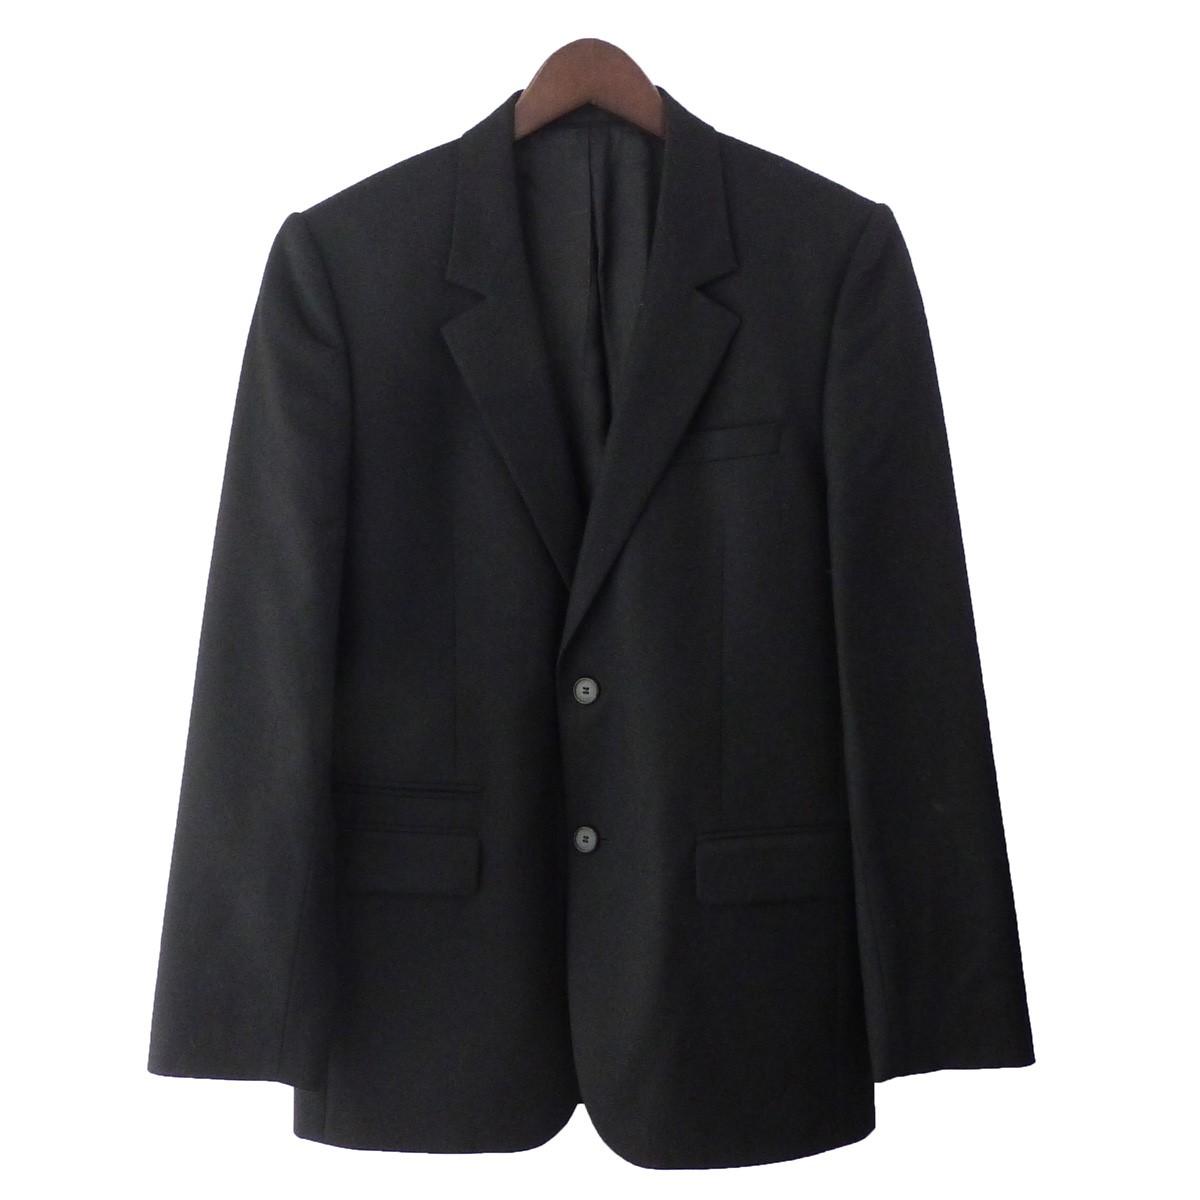 【中古】GIVENCHY ノッチドラペル2Bジャケット ブラック サイズ:46 【161219】(ジバンシィ)